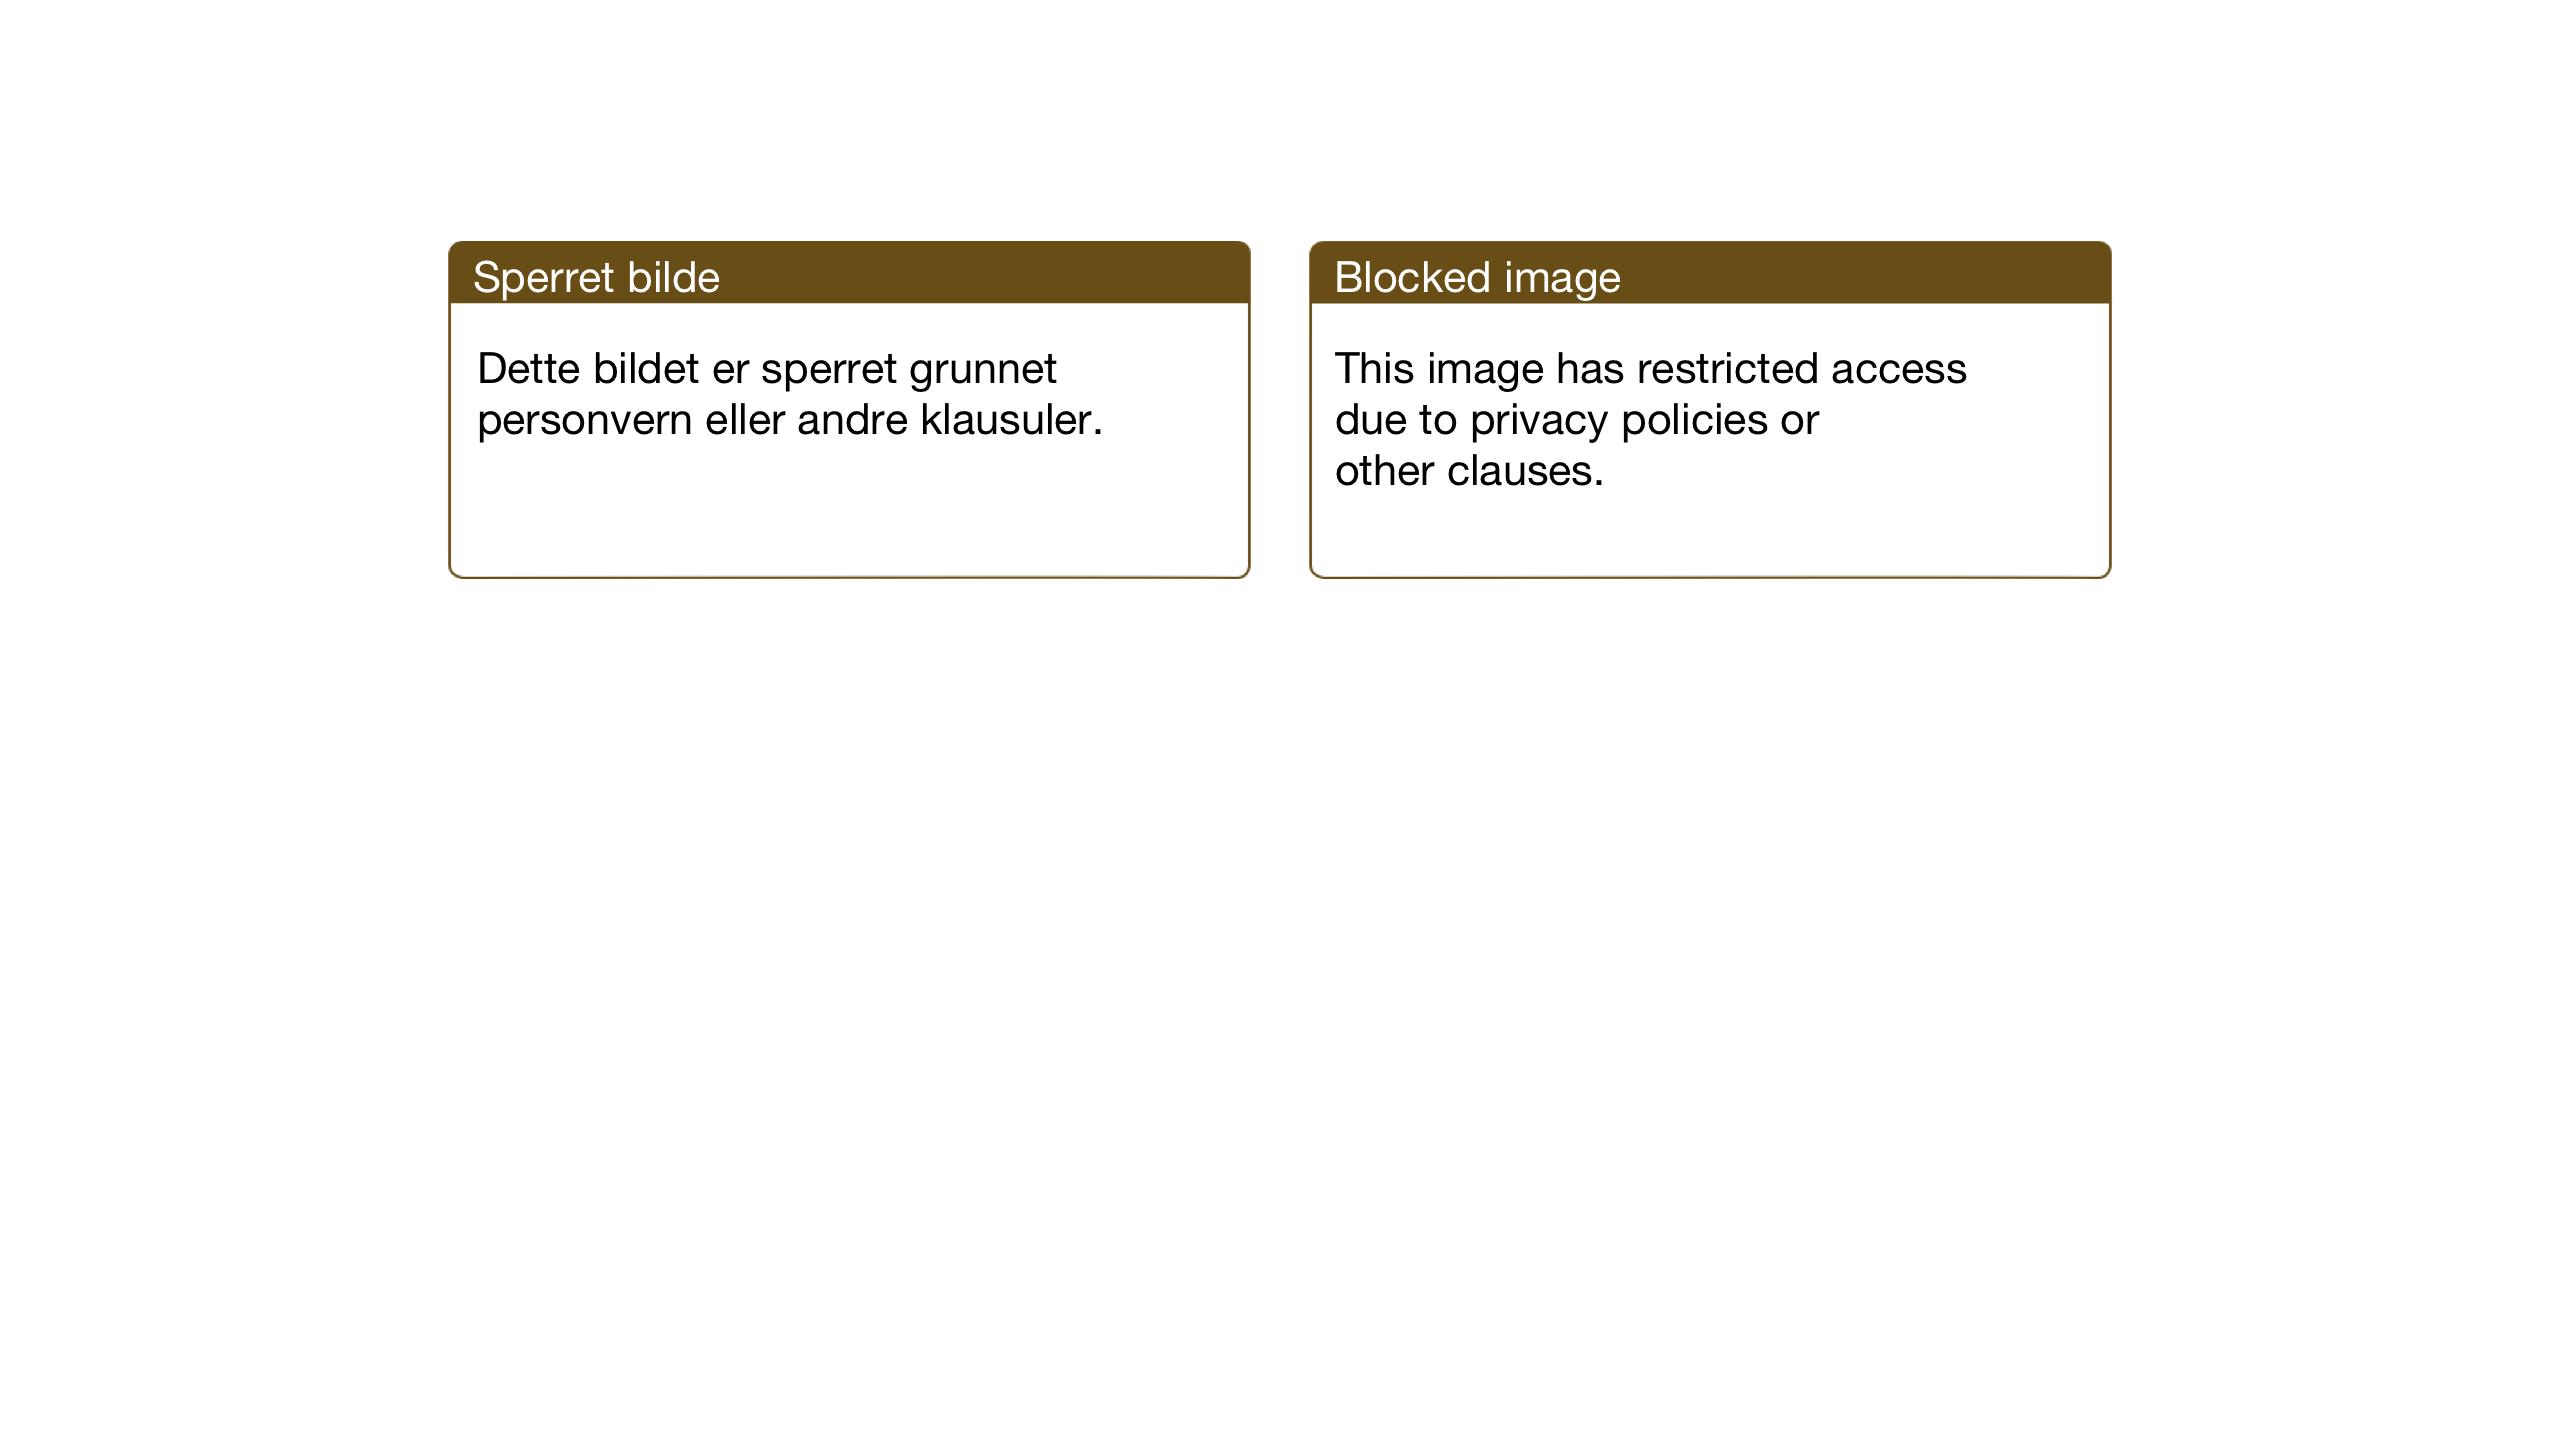 SAT, Ministerialprotokoller, klokkerbøker og fødselsregistre - Sør-Trøndelag, 657/L0718: Klokkerbok nr. 657C05, 1923-1948, s. 69